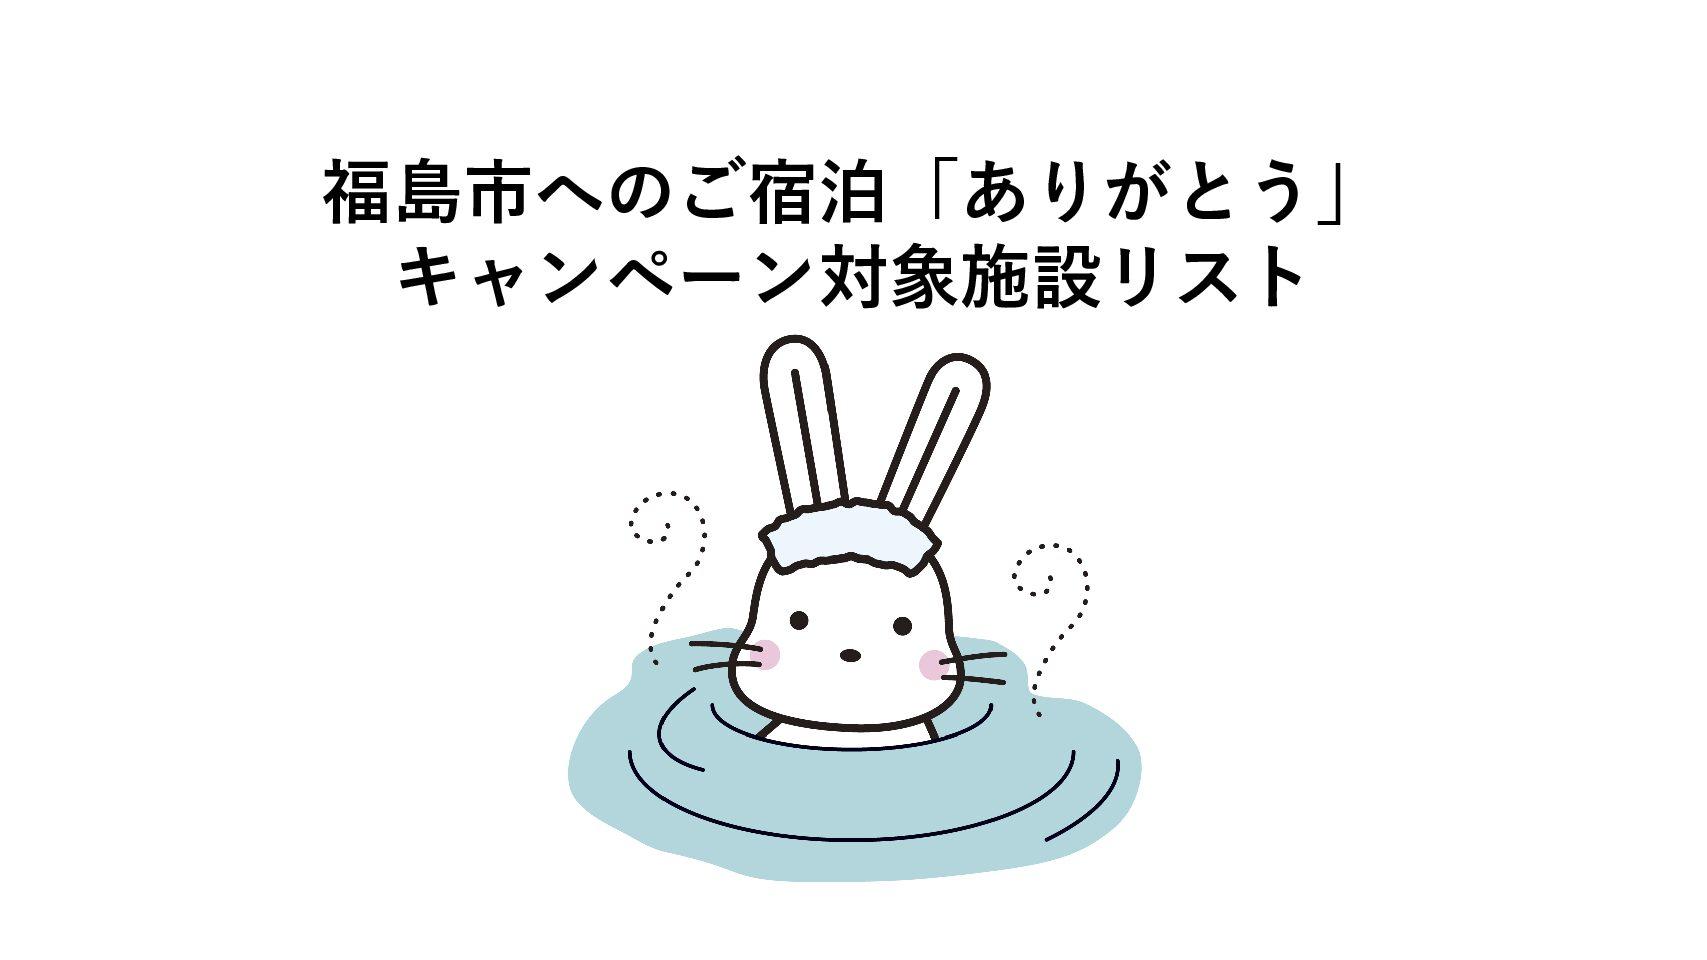 対象施設リスト〜福島市へのご宿泊「ありがとう」キャンペーン